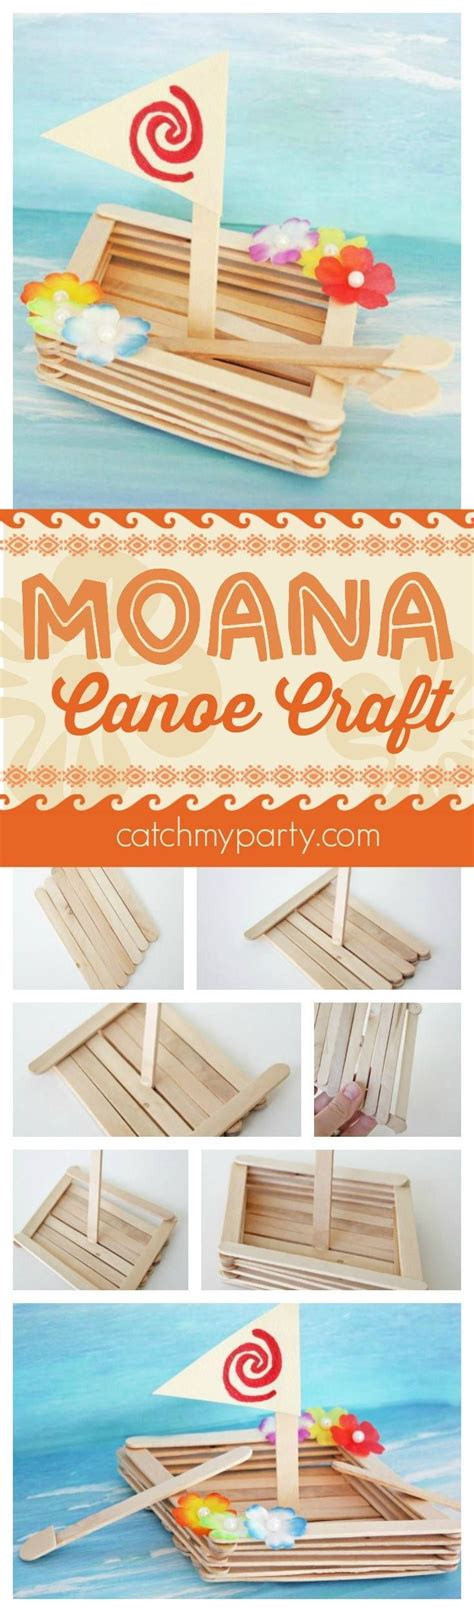 moana boat popsicle sticks fun moana canoe craft perfect for a moana birthday party